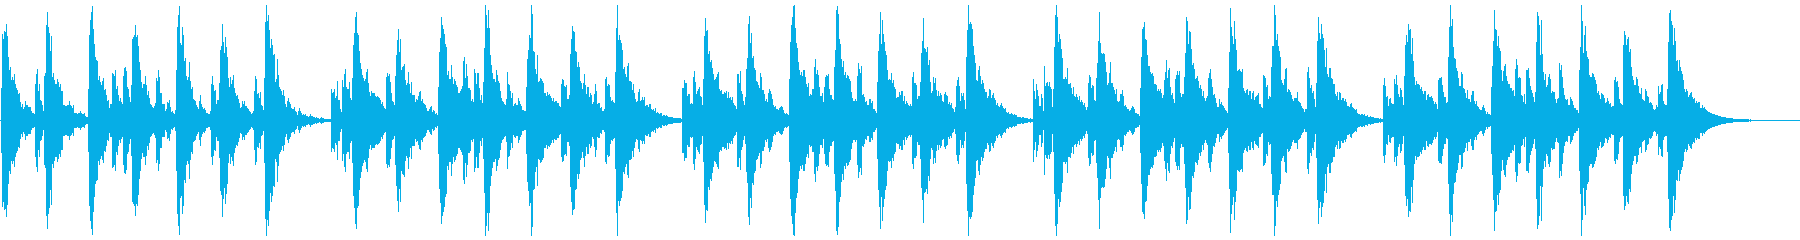 シンセの心地よいBGM(リードなし)の再生済みの波形